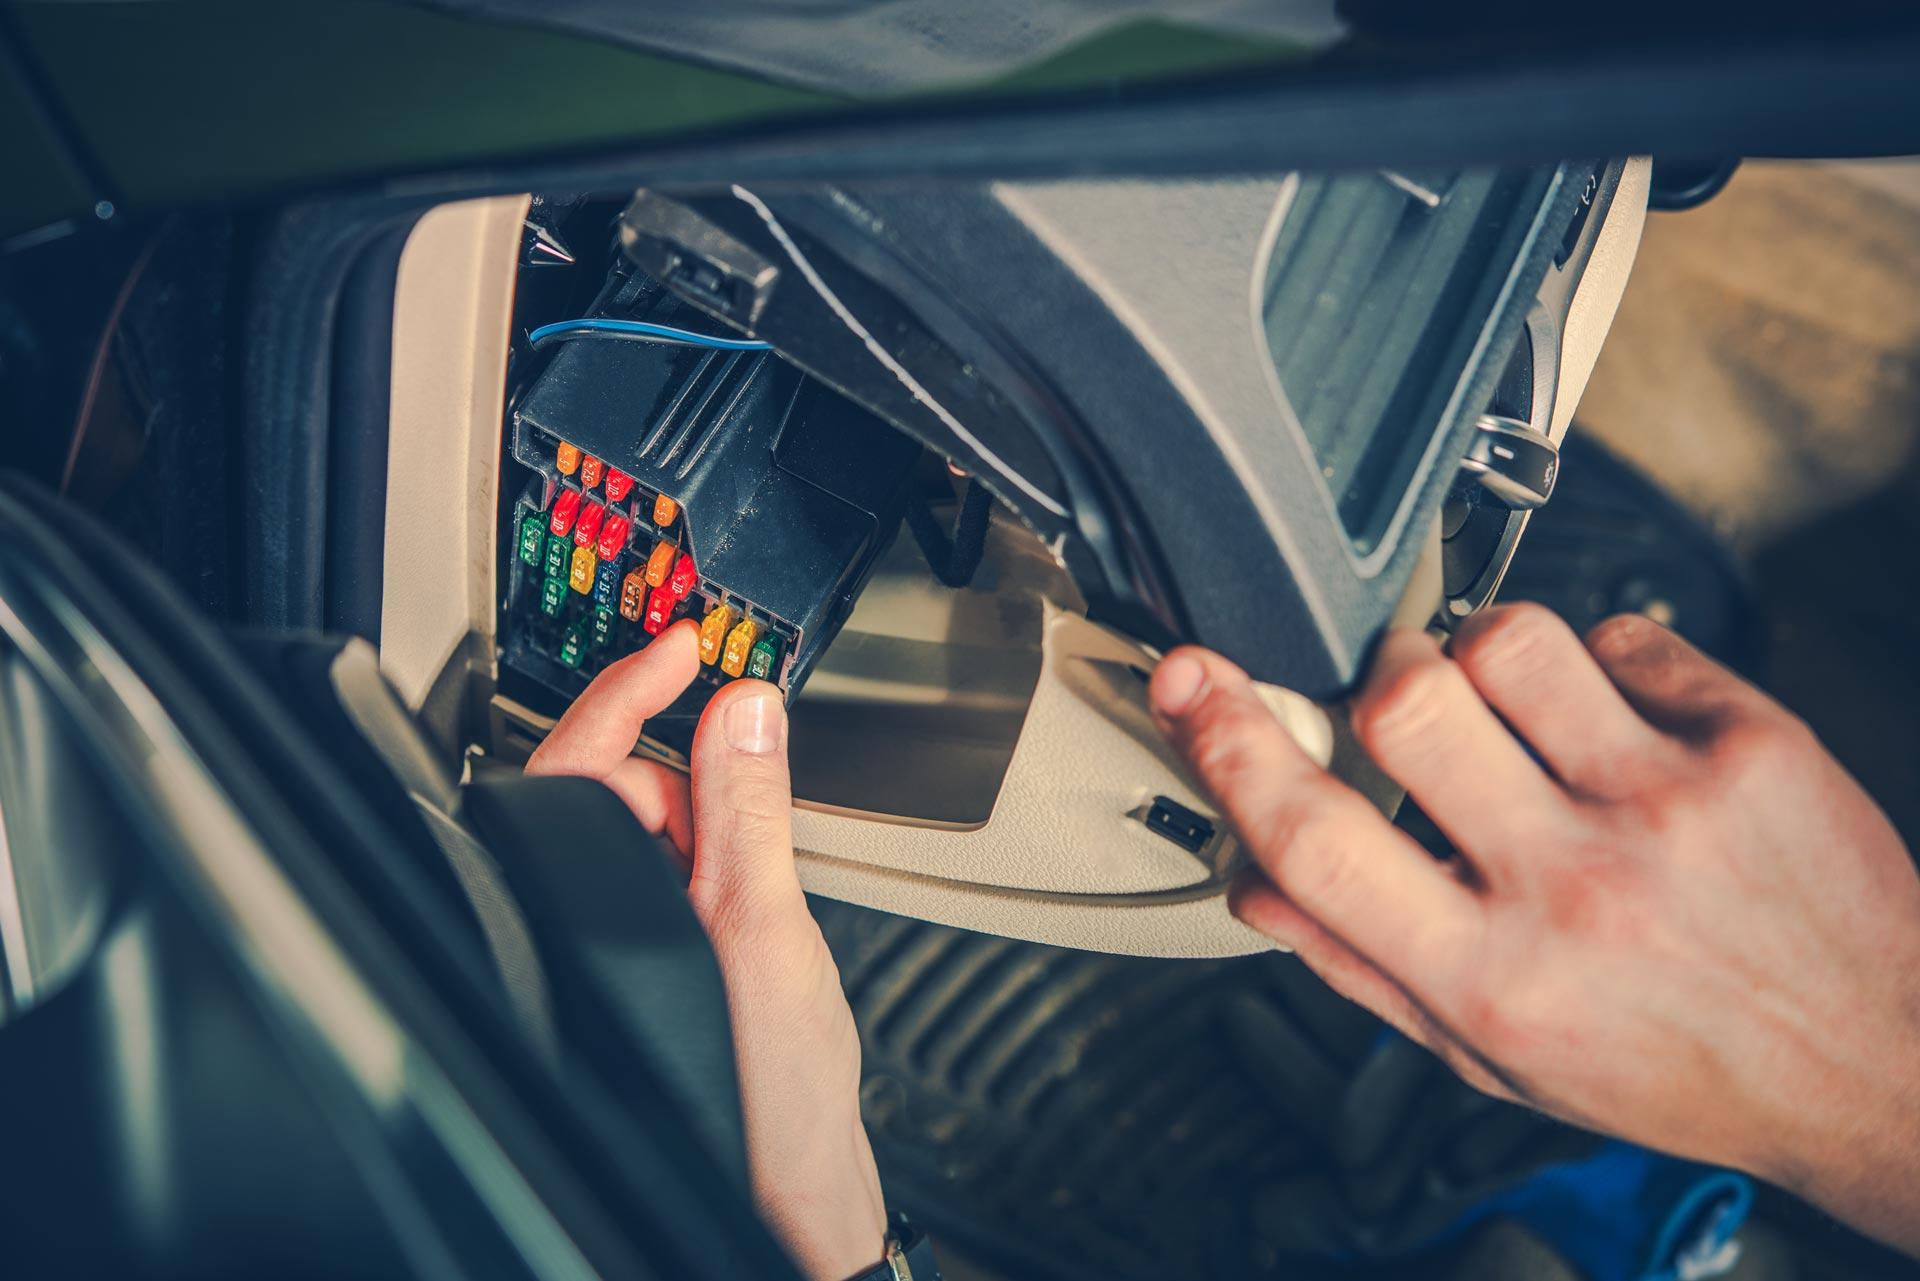 car fuse and electric repair